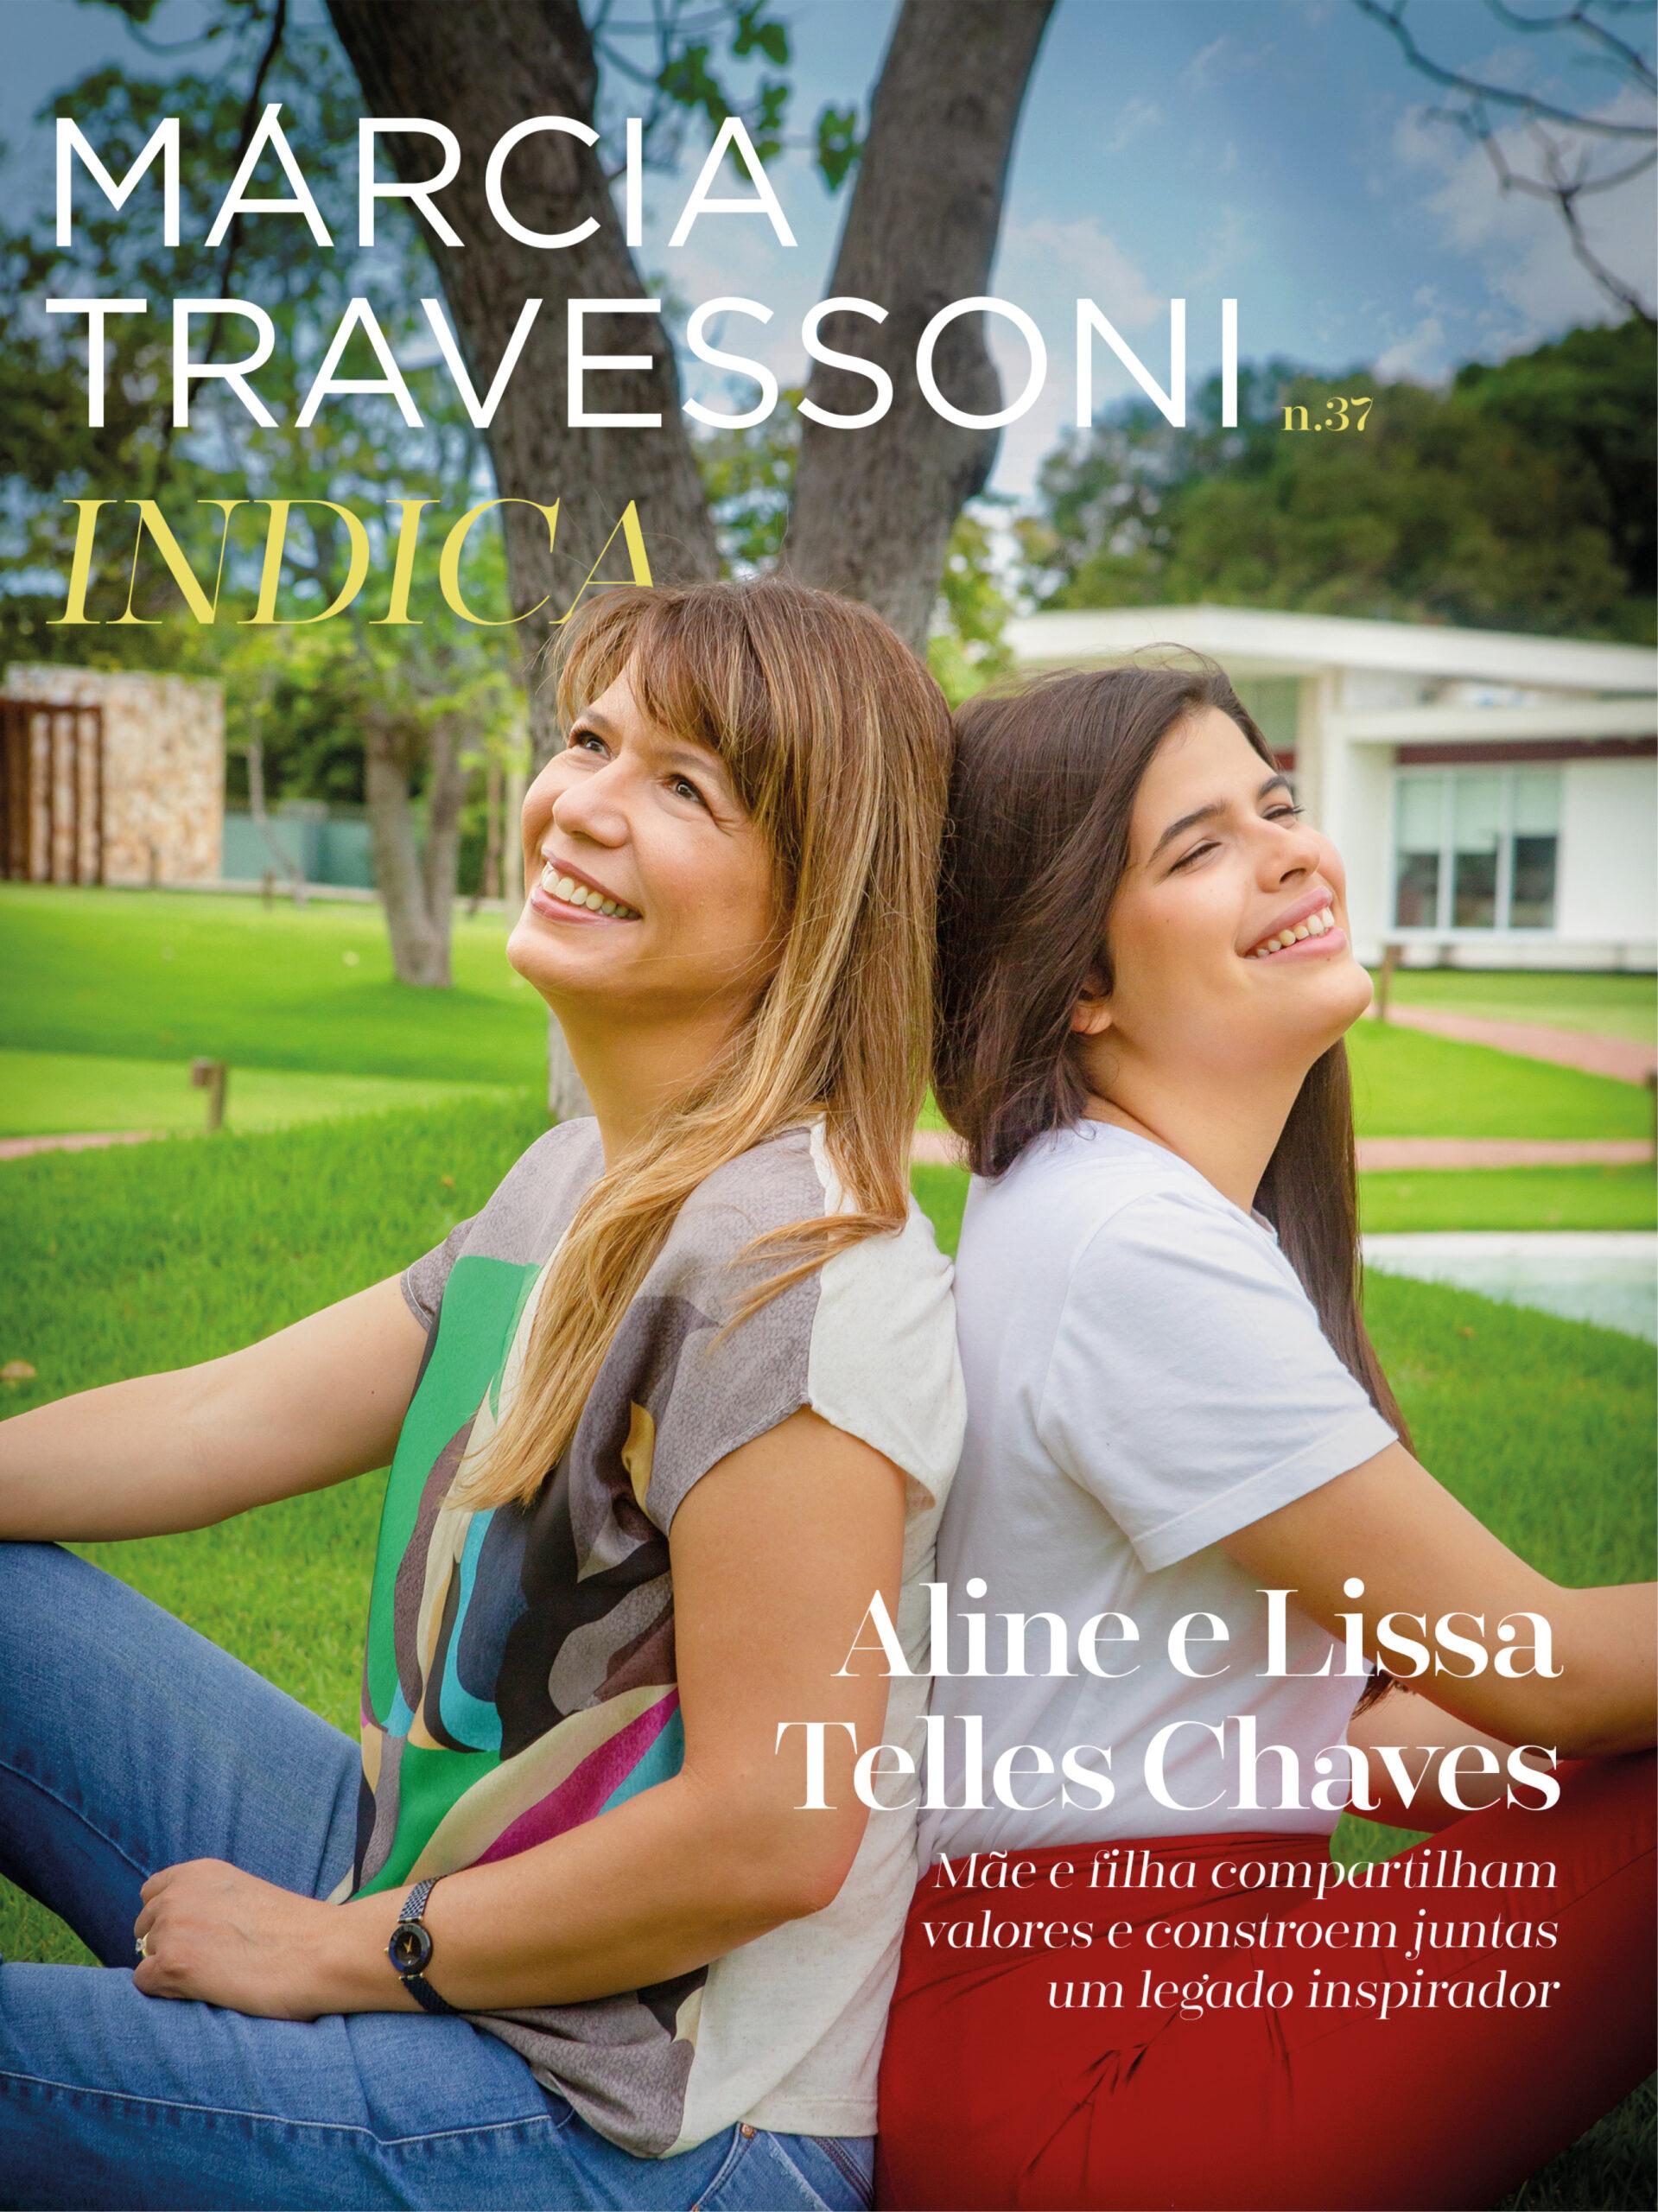 Aline e Lissa Telles Chaves contam o que aprendem uma com a outra sobre ser mulher, mãe e filha